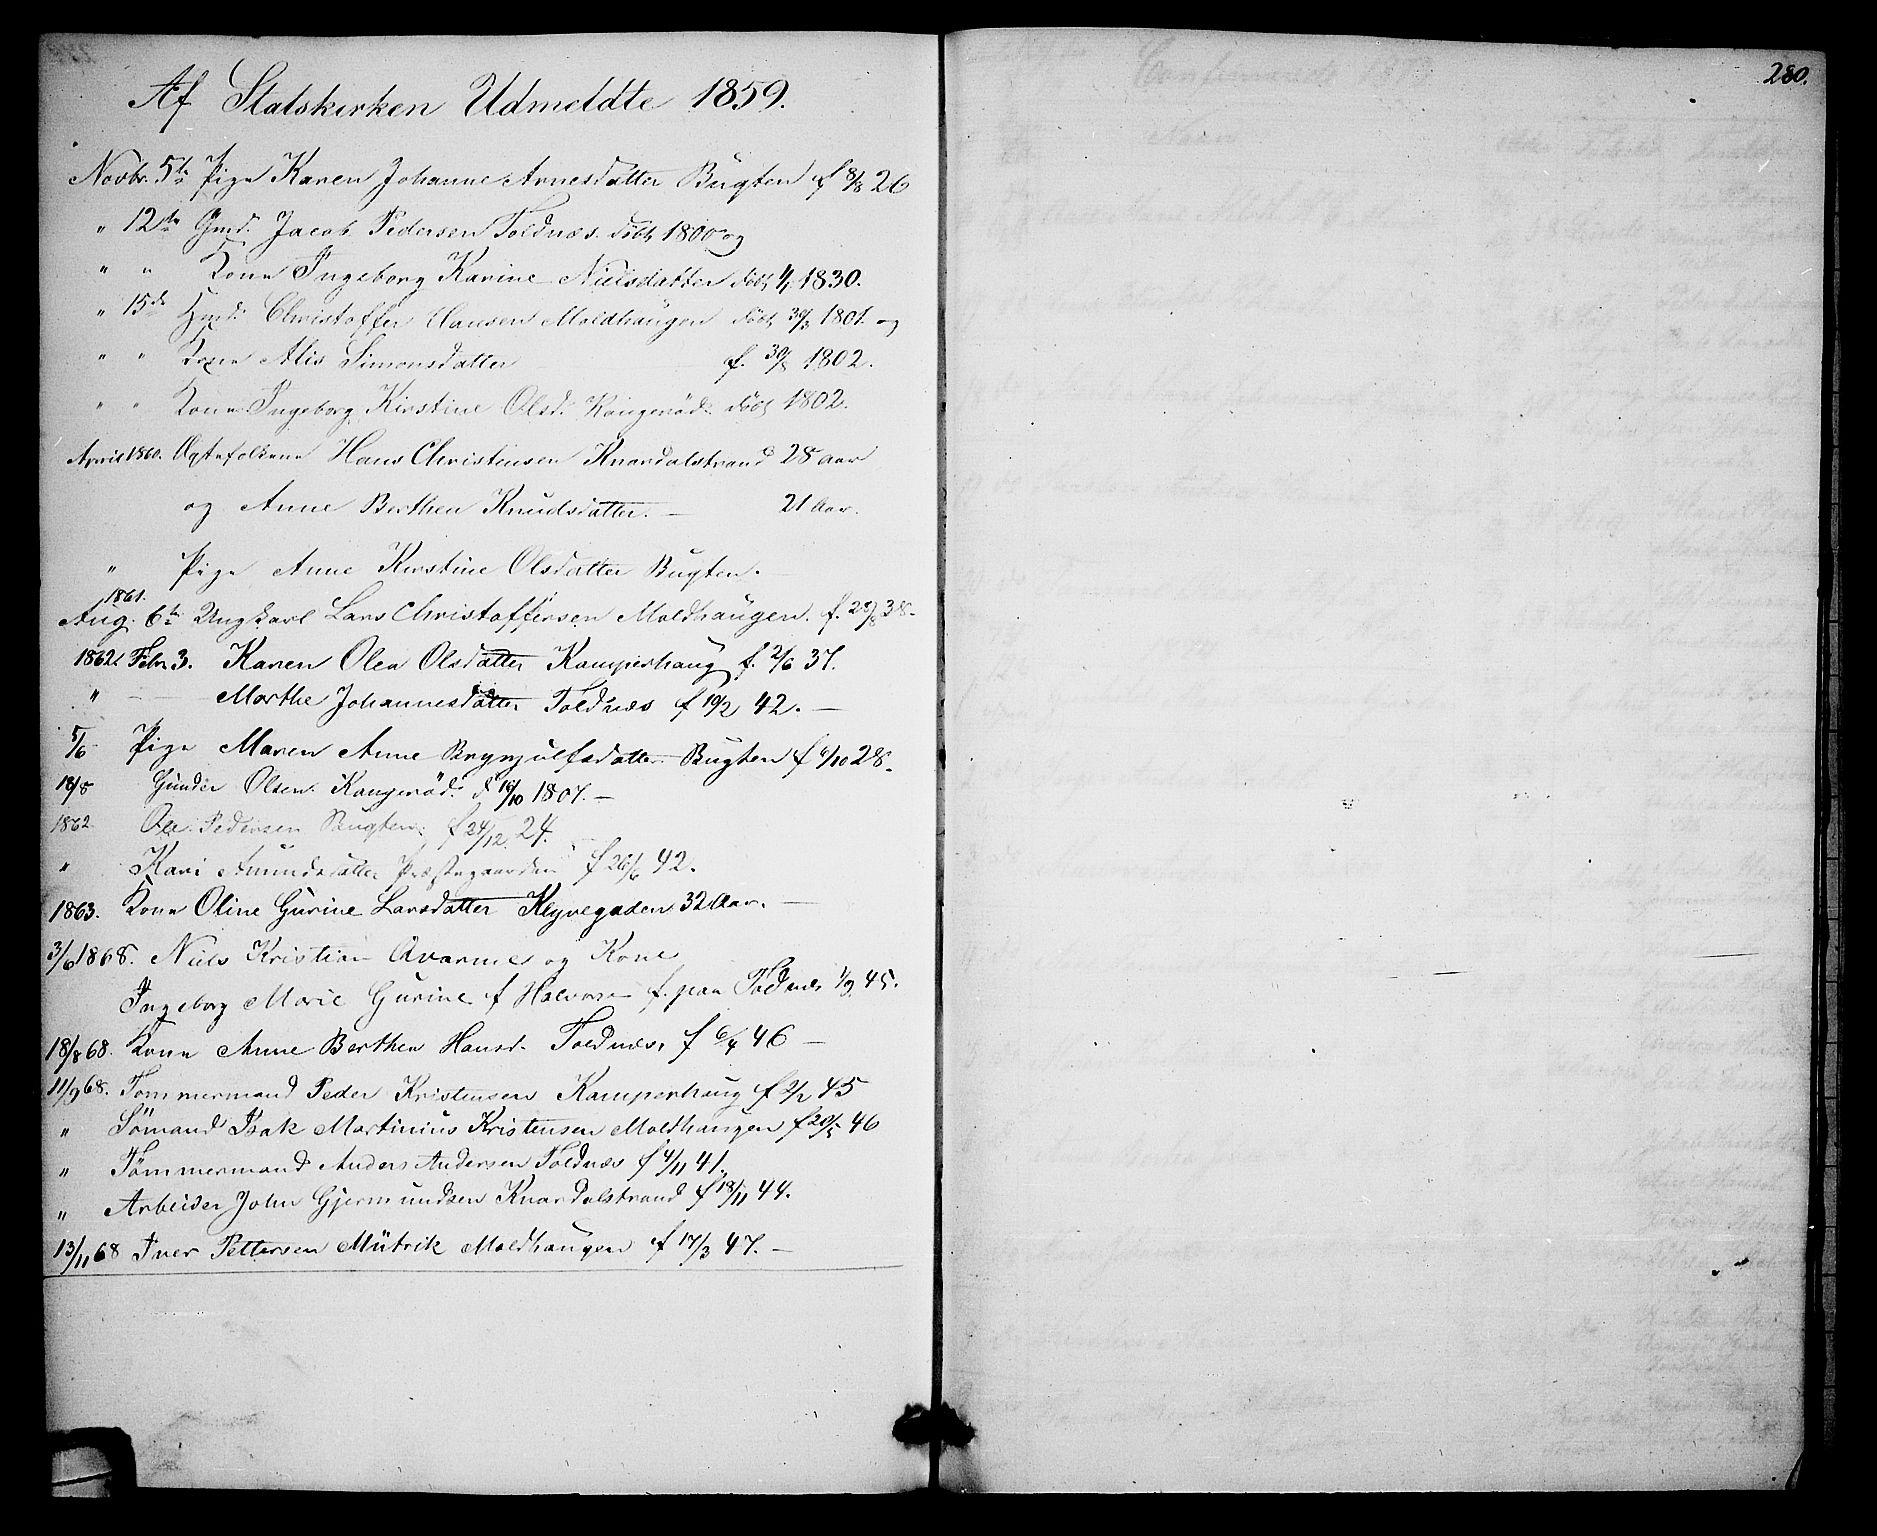 SAKO, Solum kirkebøker, G/Ga/L0004: Klokkerbok nr. I 4, 1859-1876, s. 280